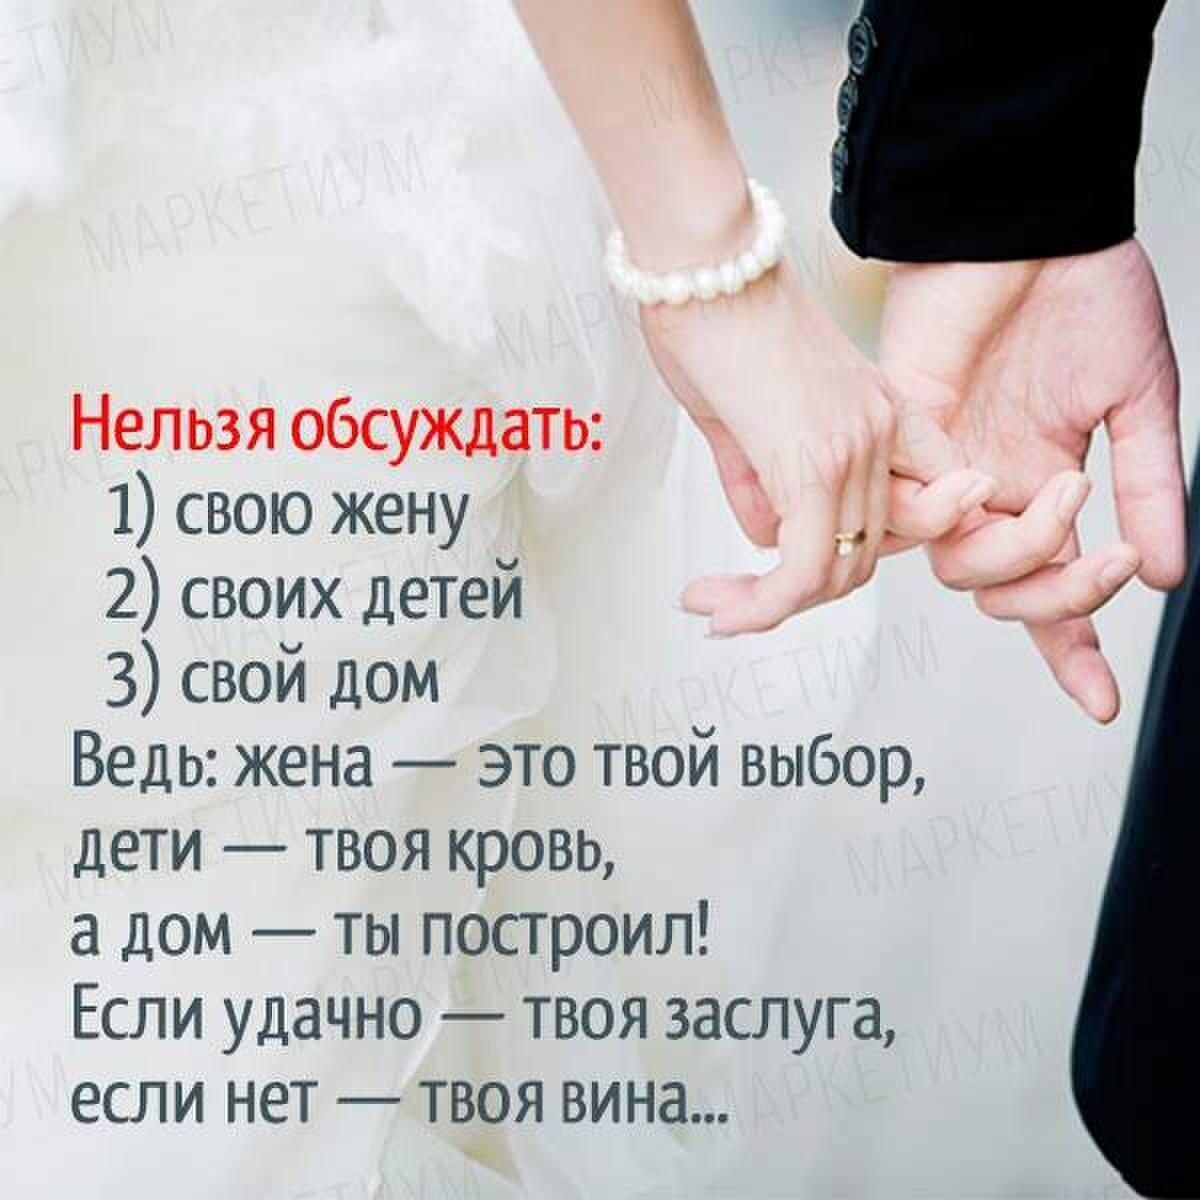 Для, картинки с надписями со смыслом про мужа и жену